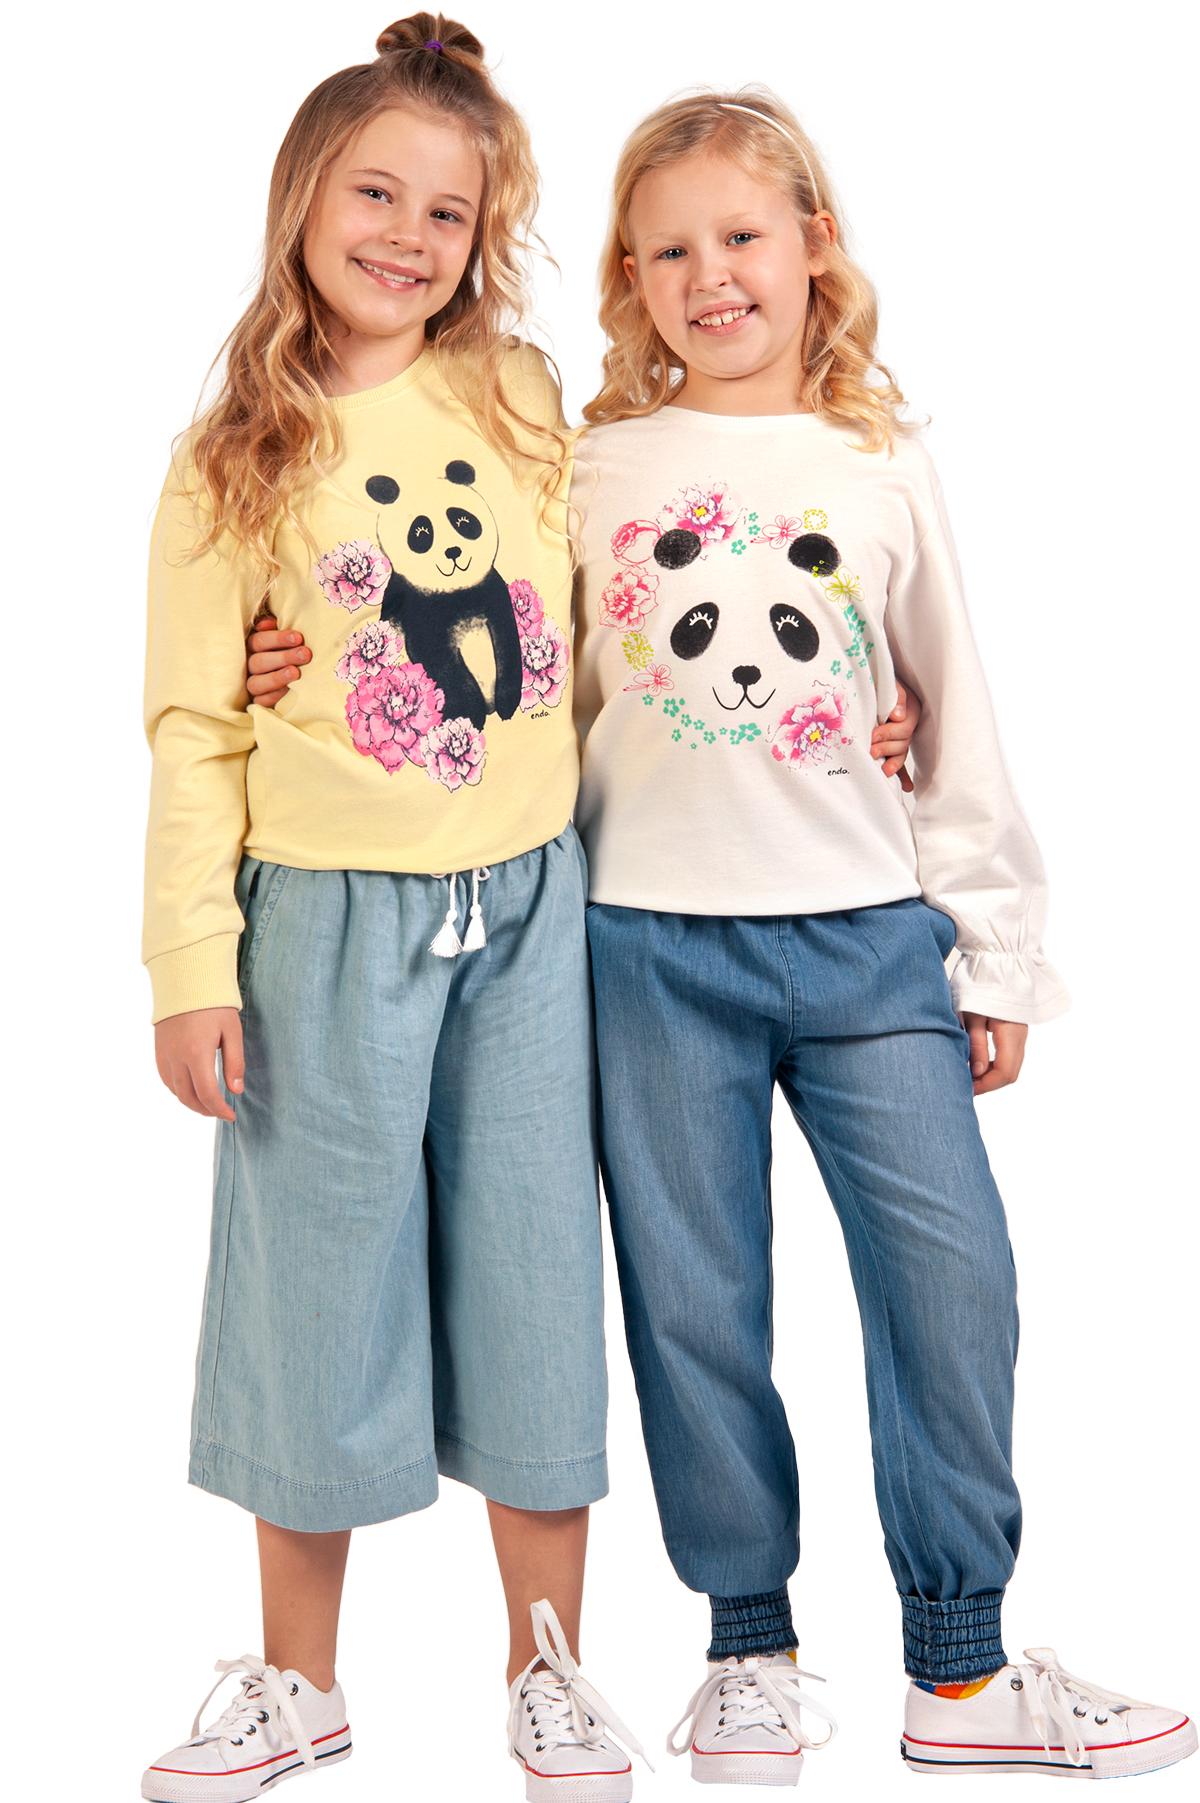 bluzy dla dziewczynki z kolekcji Japonia, zdjęcie z dziewczynkami z sesji zdjęciowej